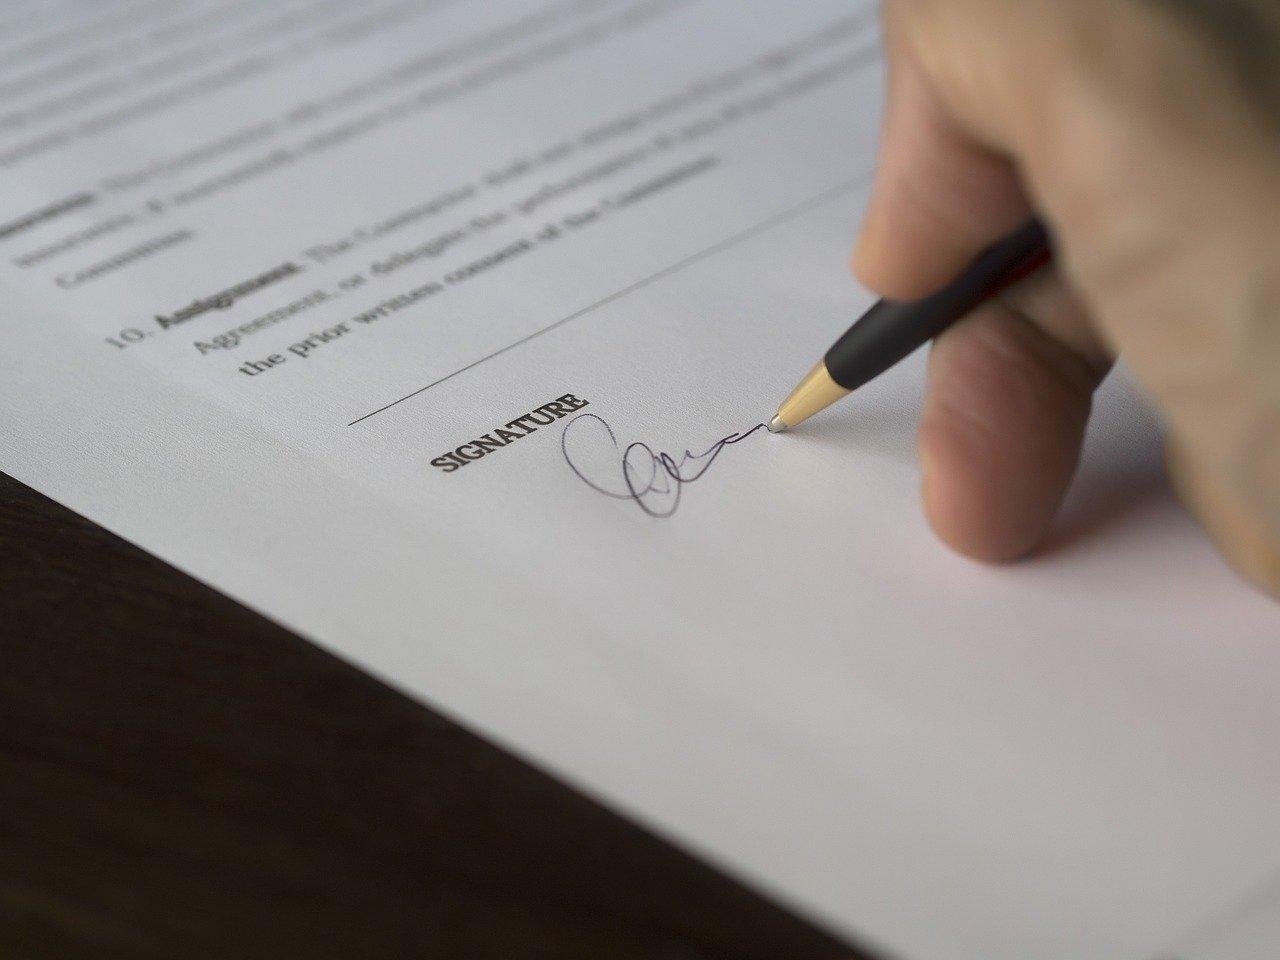 Dématérialisation des documents, un enjeu de la responsabilité sociale des entreprise